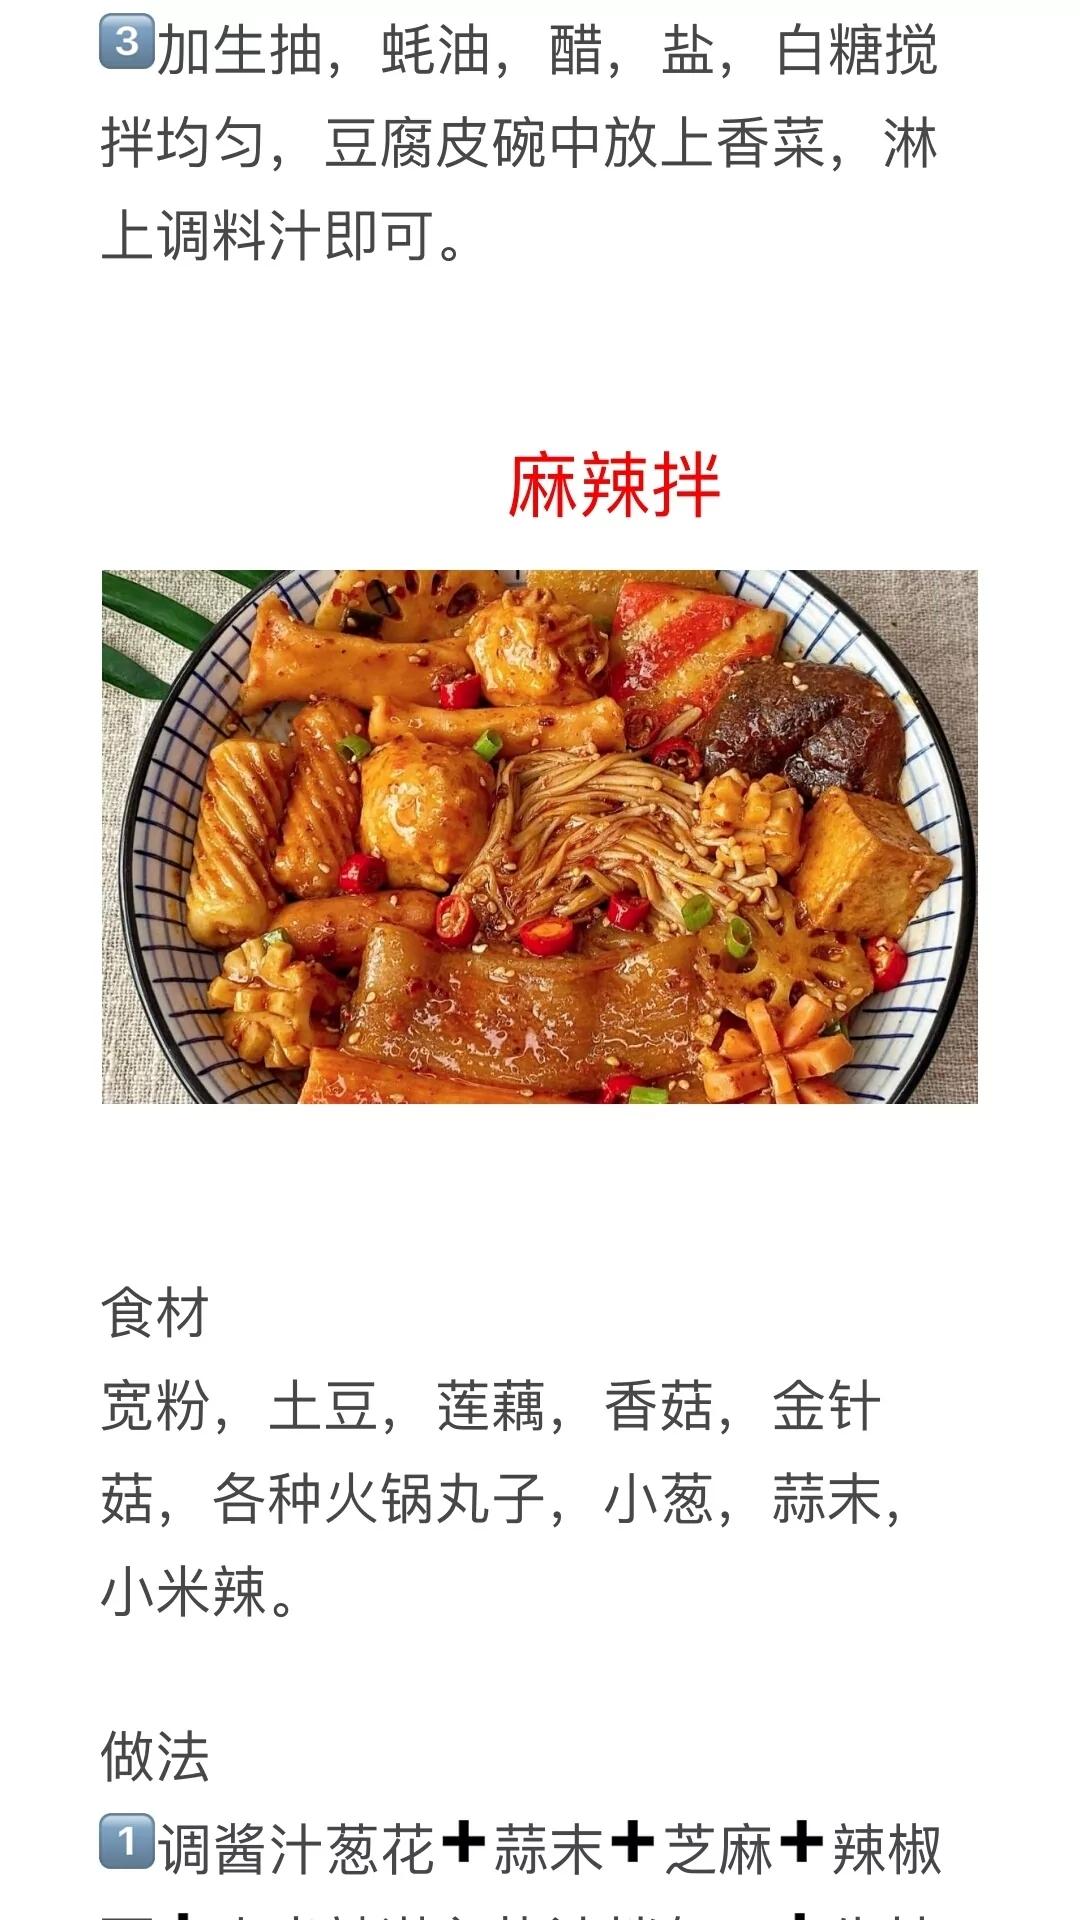 麻辣口味菜做法及配料 美食做法 第3张